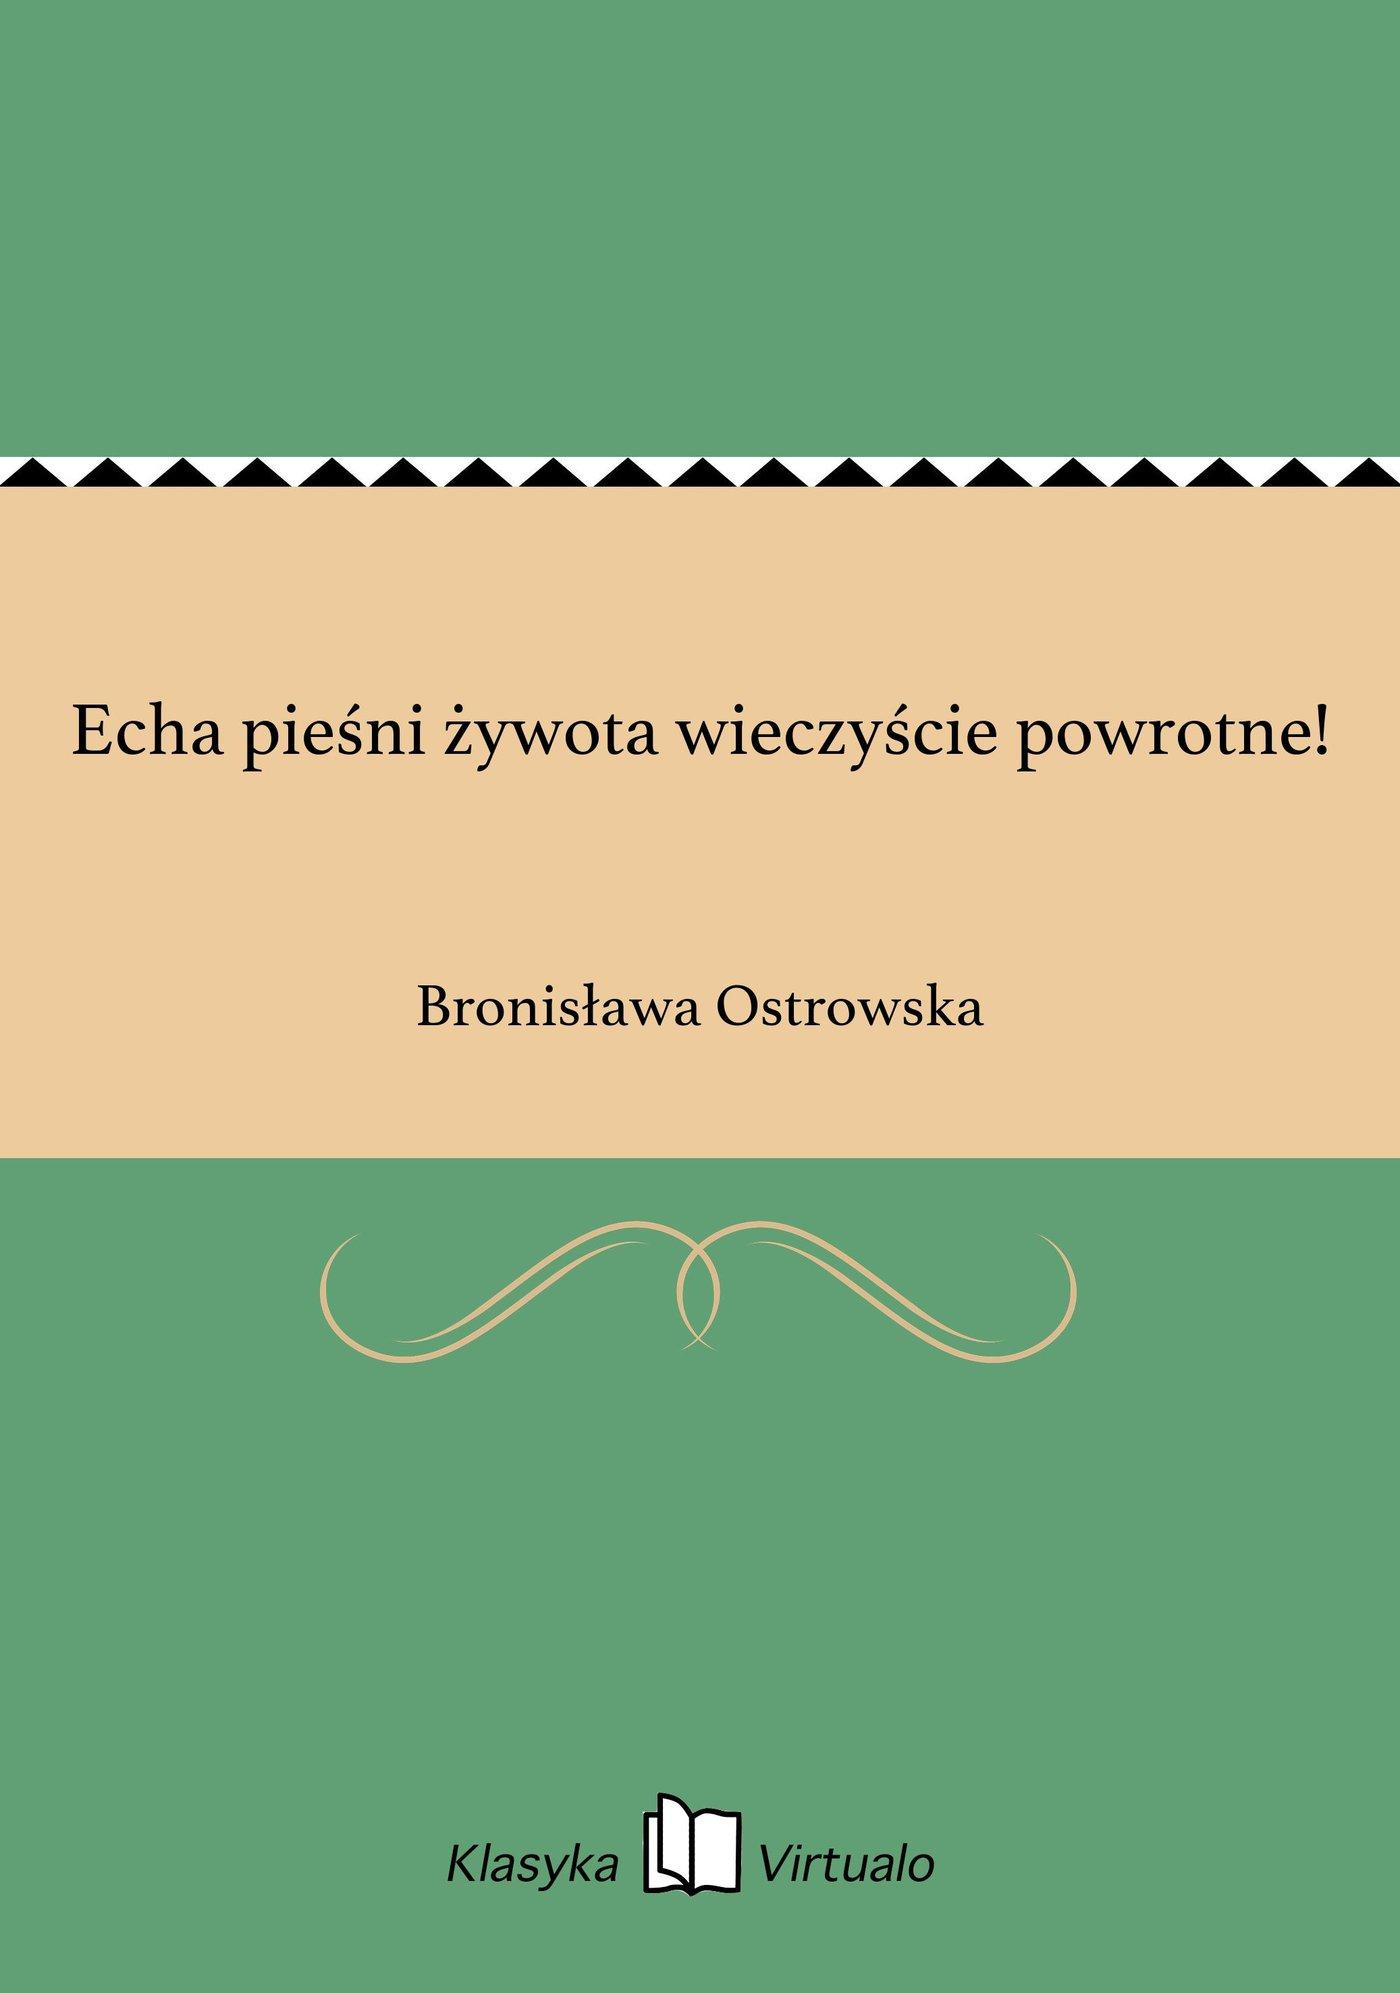 Echa pieśni żywota wieczyście powrotne! - Ebook (Książka EPUB) do pobrania w formacie EPUB